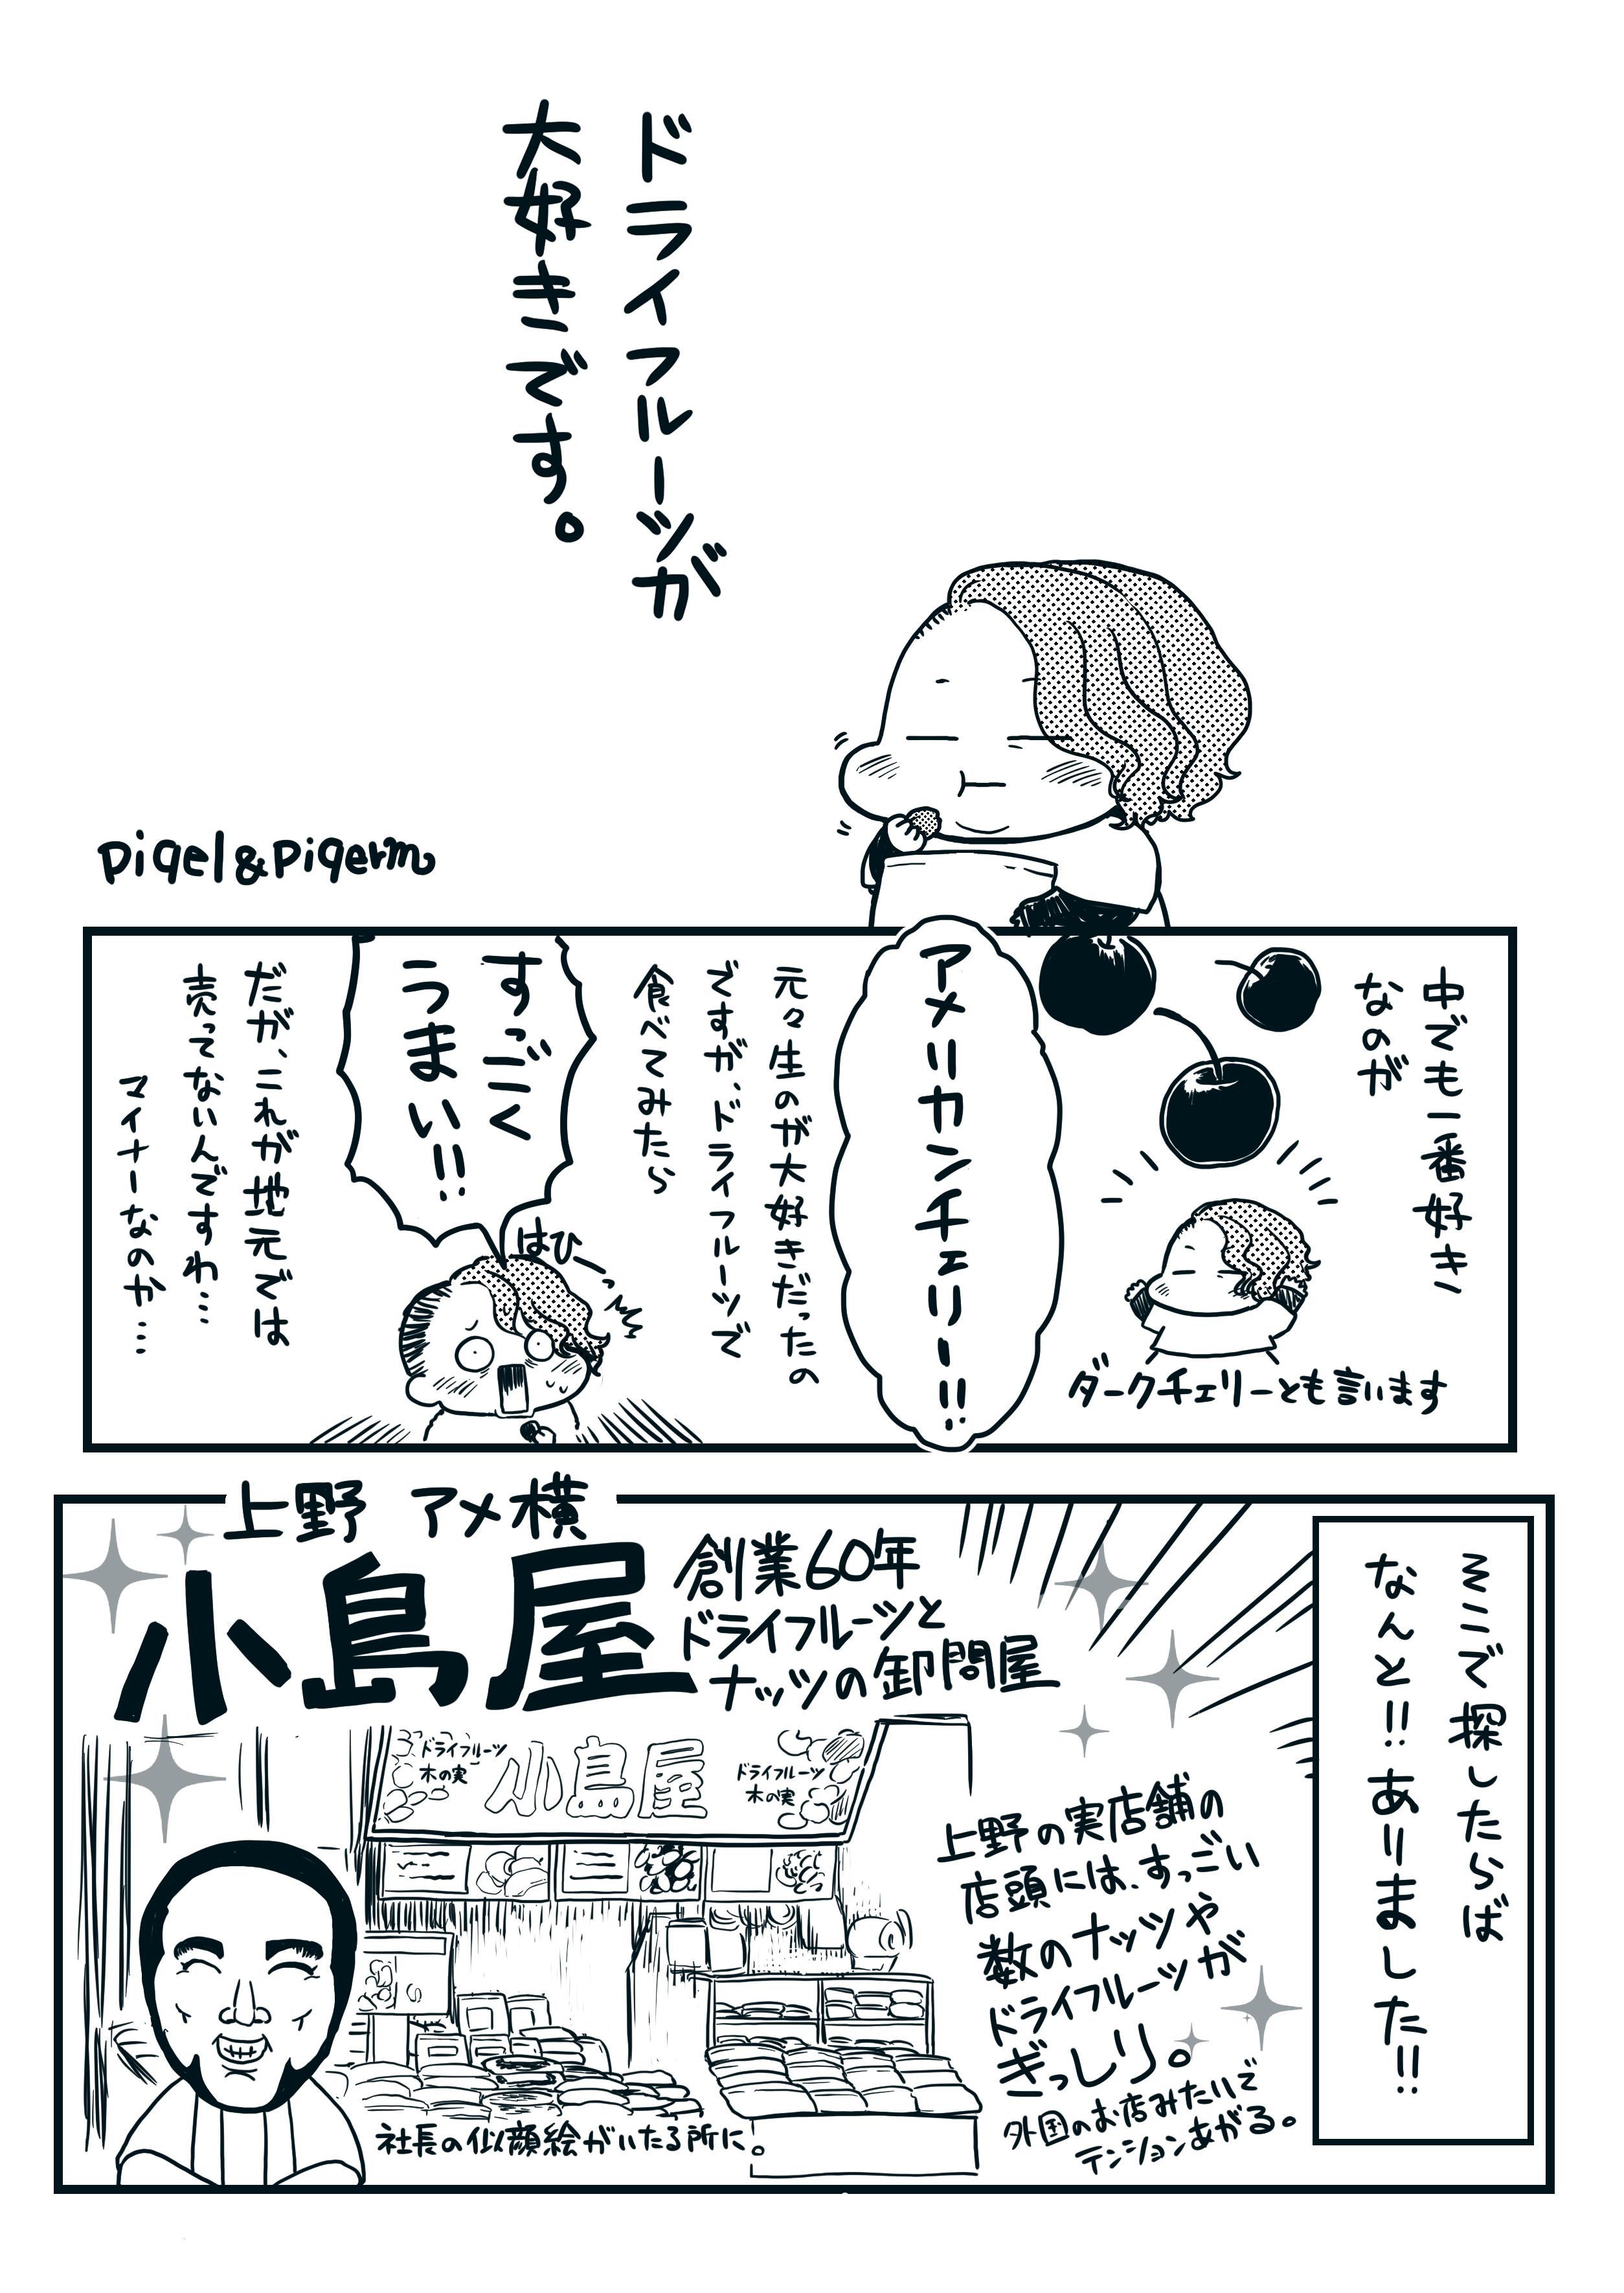 小島屋さんのドライフルーツがすごい